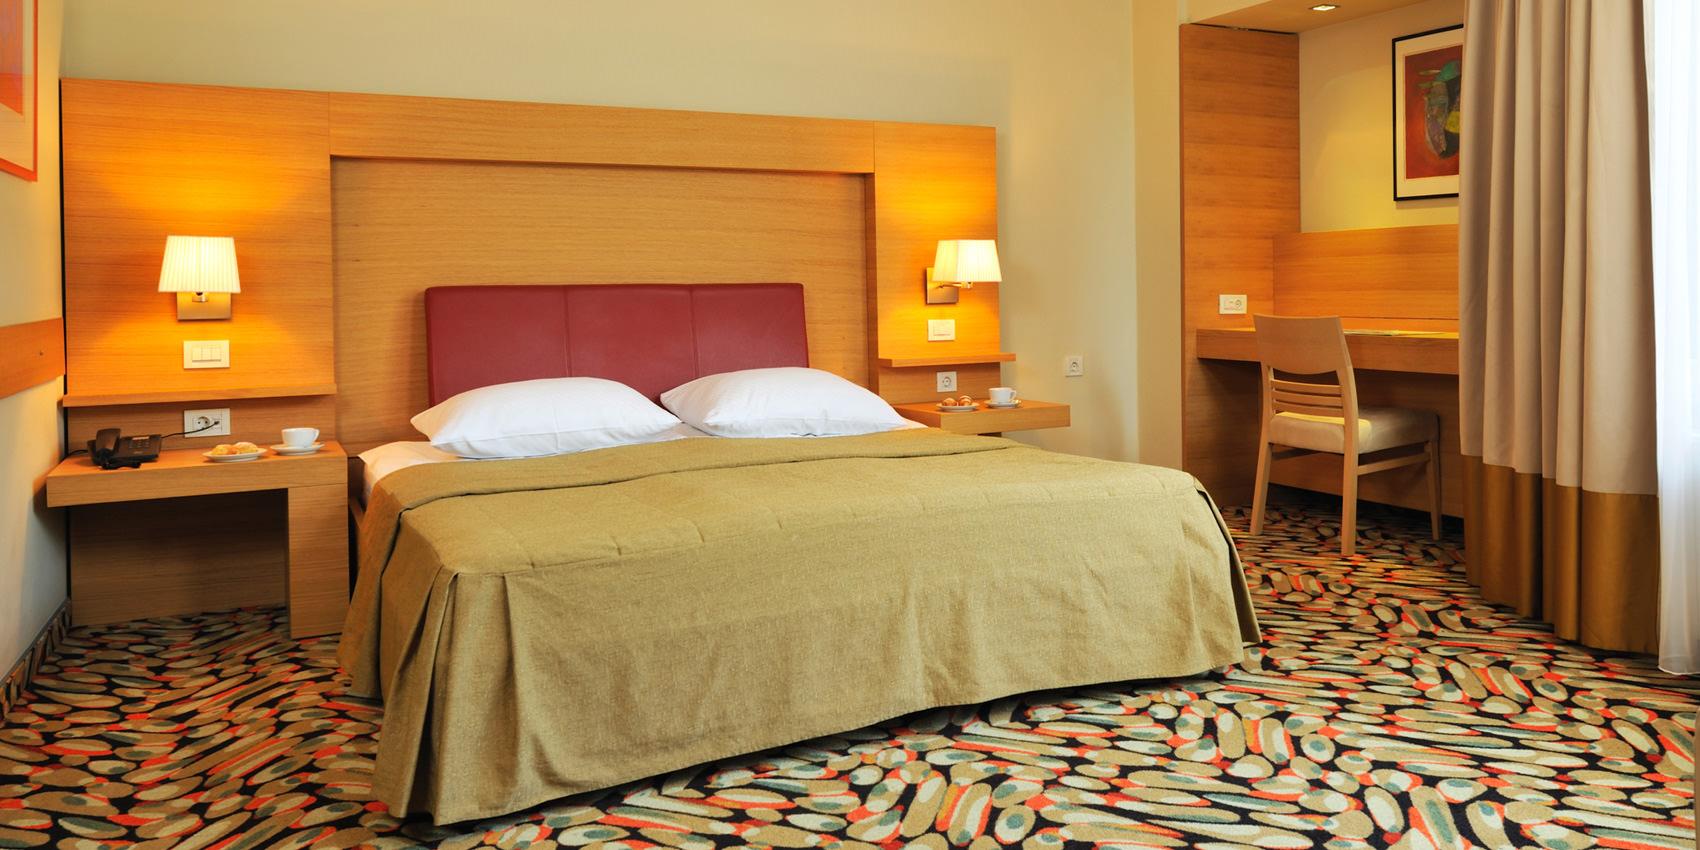 Hotel-smarjeta-suite1